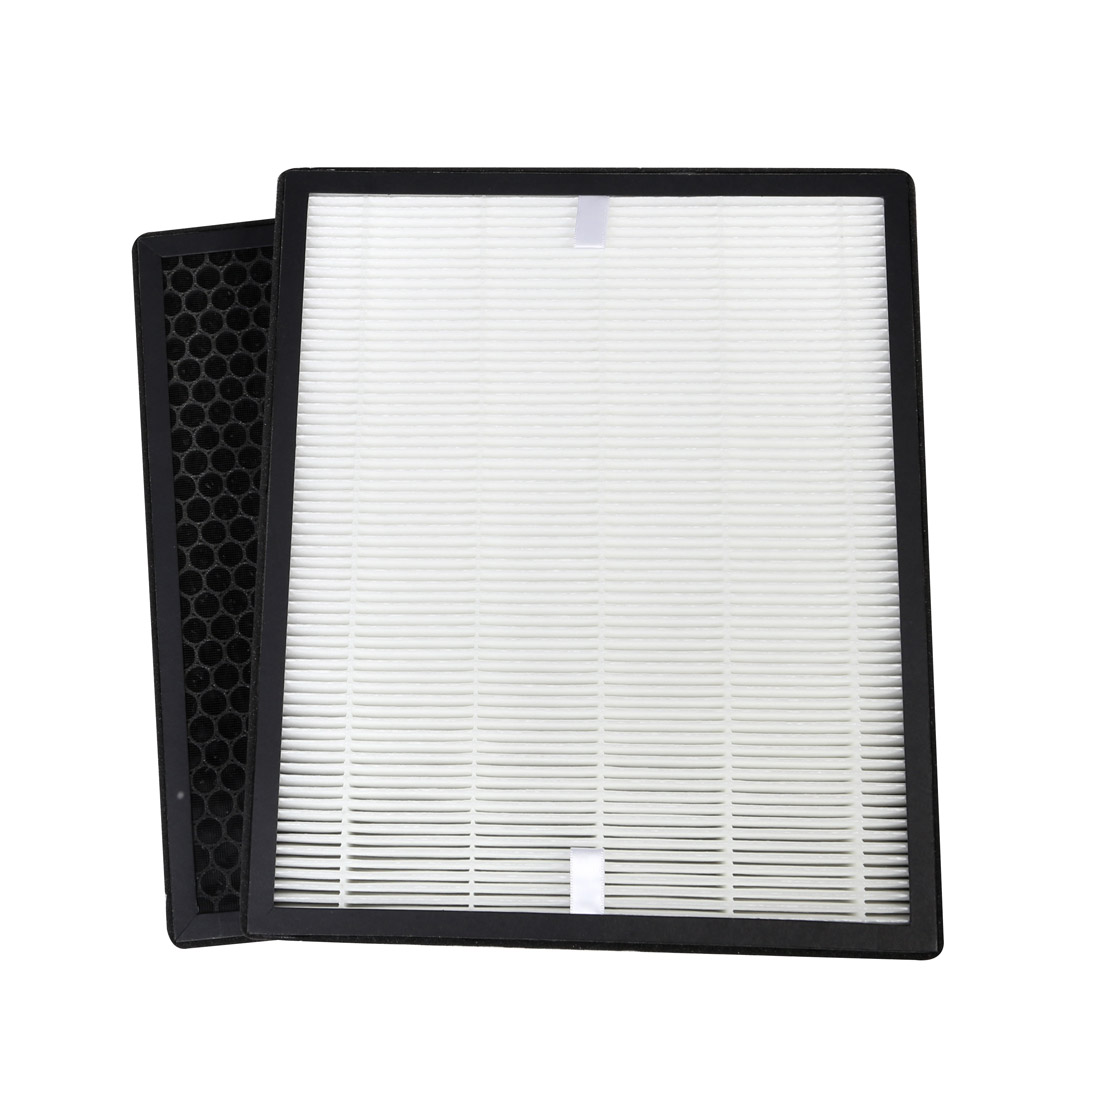 Zestaw filtrów HEPA i węglowy do urządzenia WINIX U300 - OFILTRO Air Filter - HEPA H13 + Carbon - WINIX U300